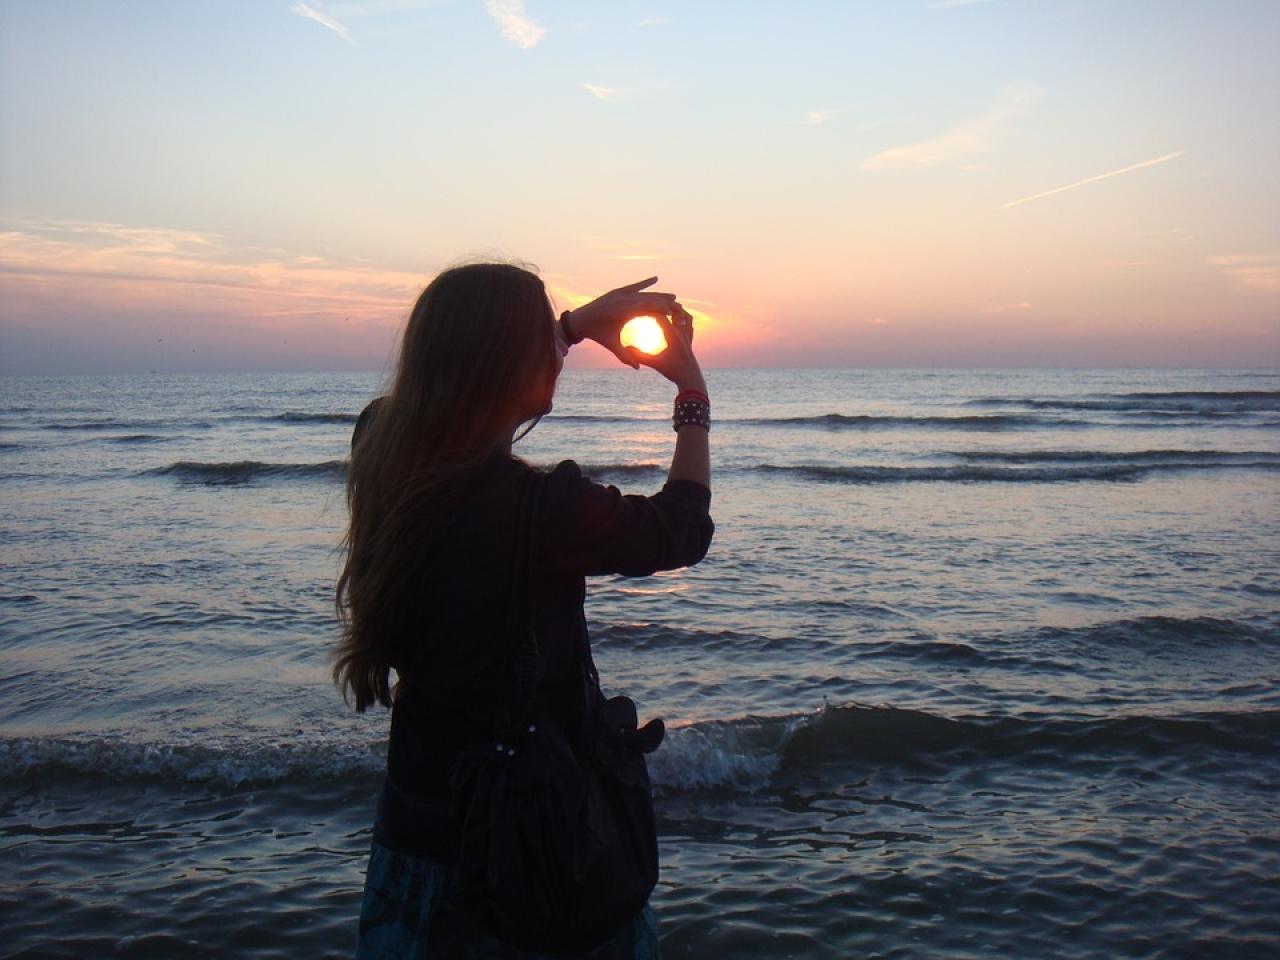 Zdjęcie główne #49 - W ciąży na plażę? Jak nie zrobić krzywdy sobie i dziecku? 6 najważniejszych zasad